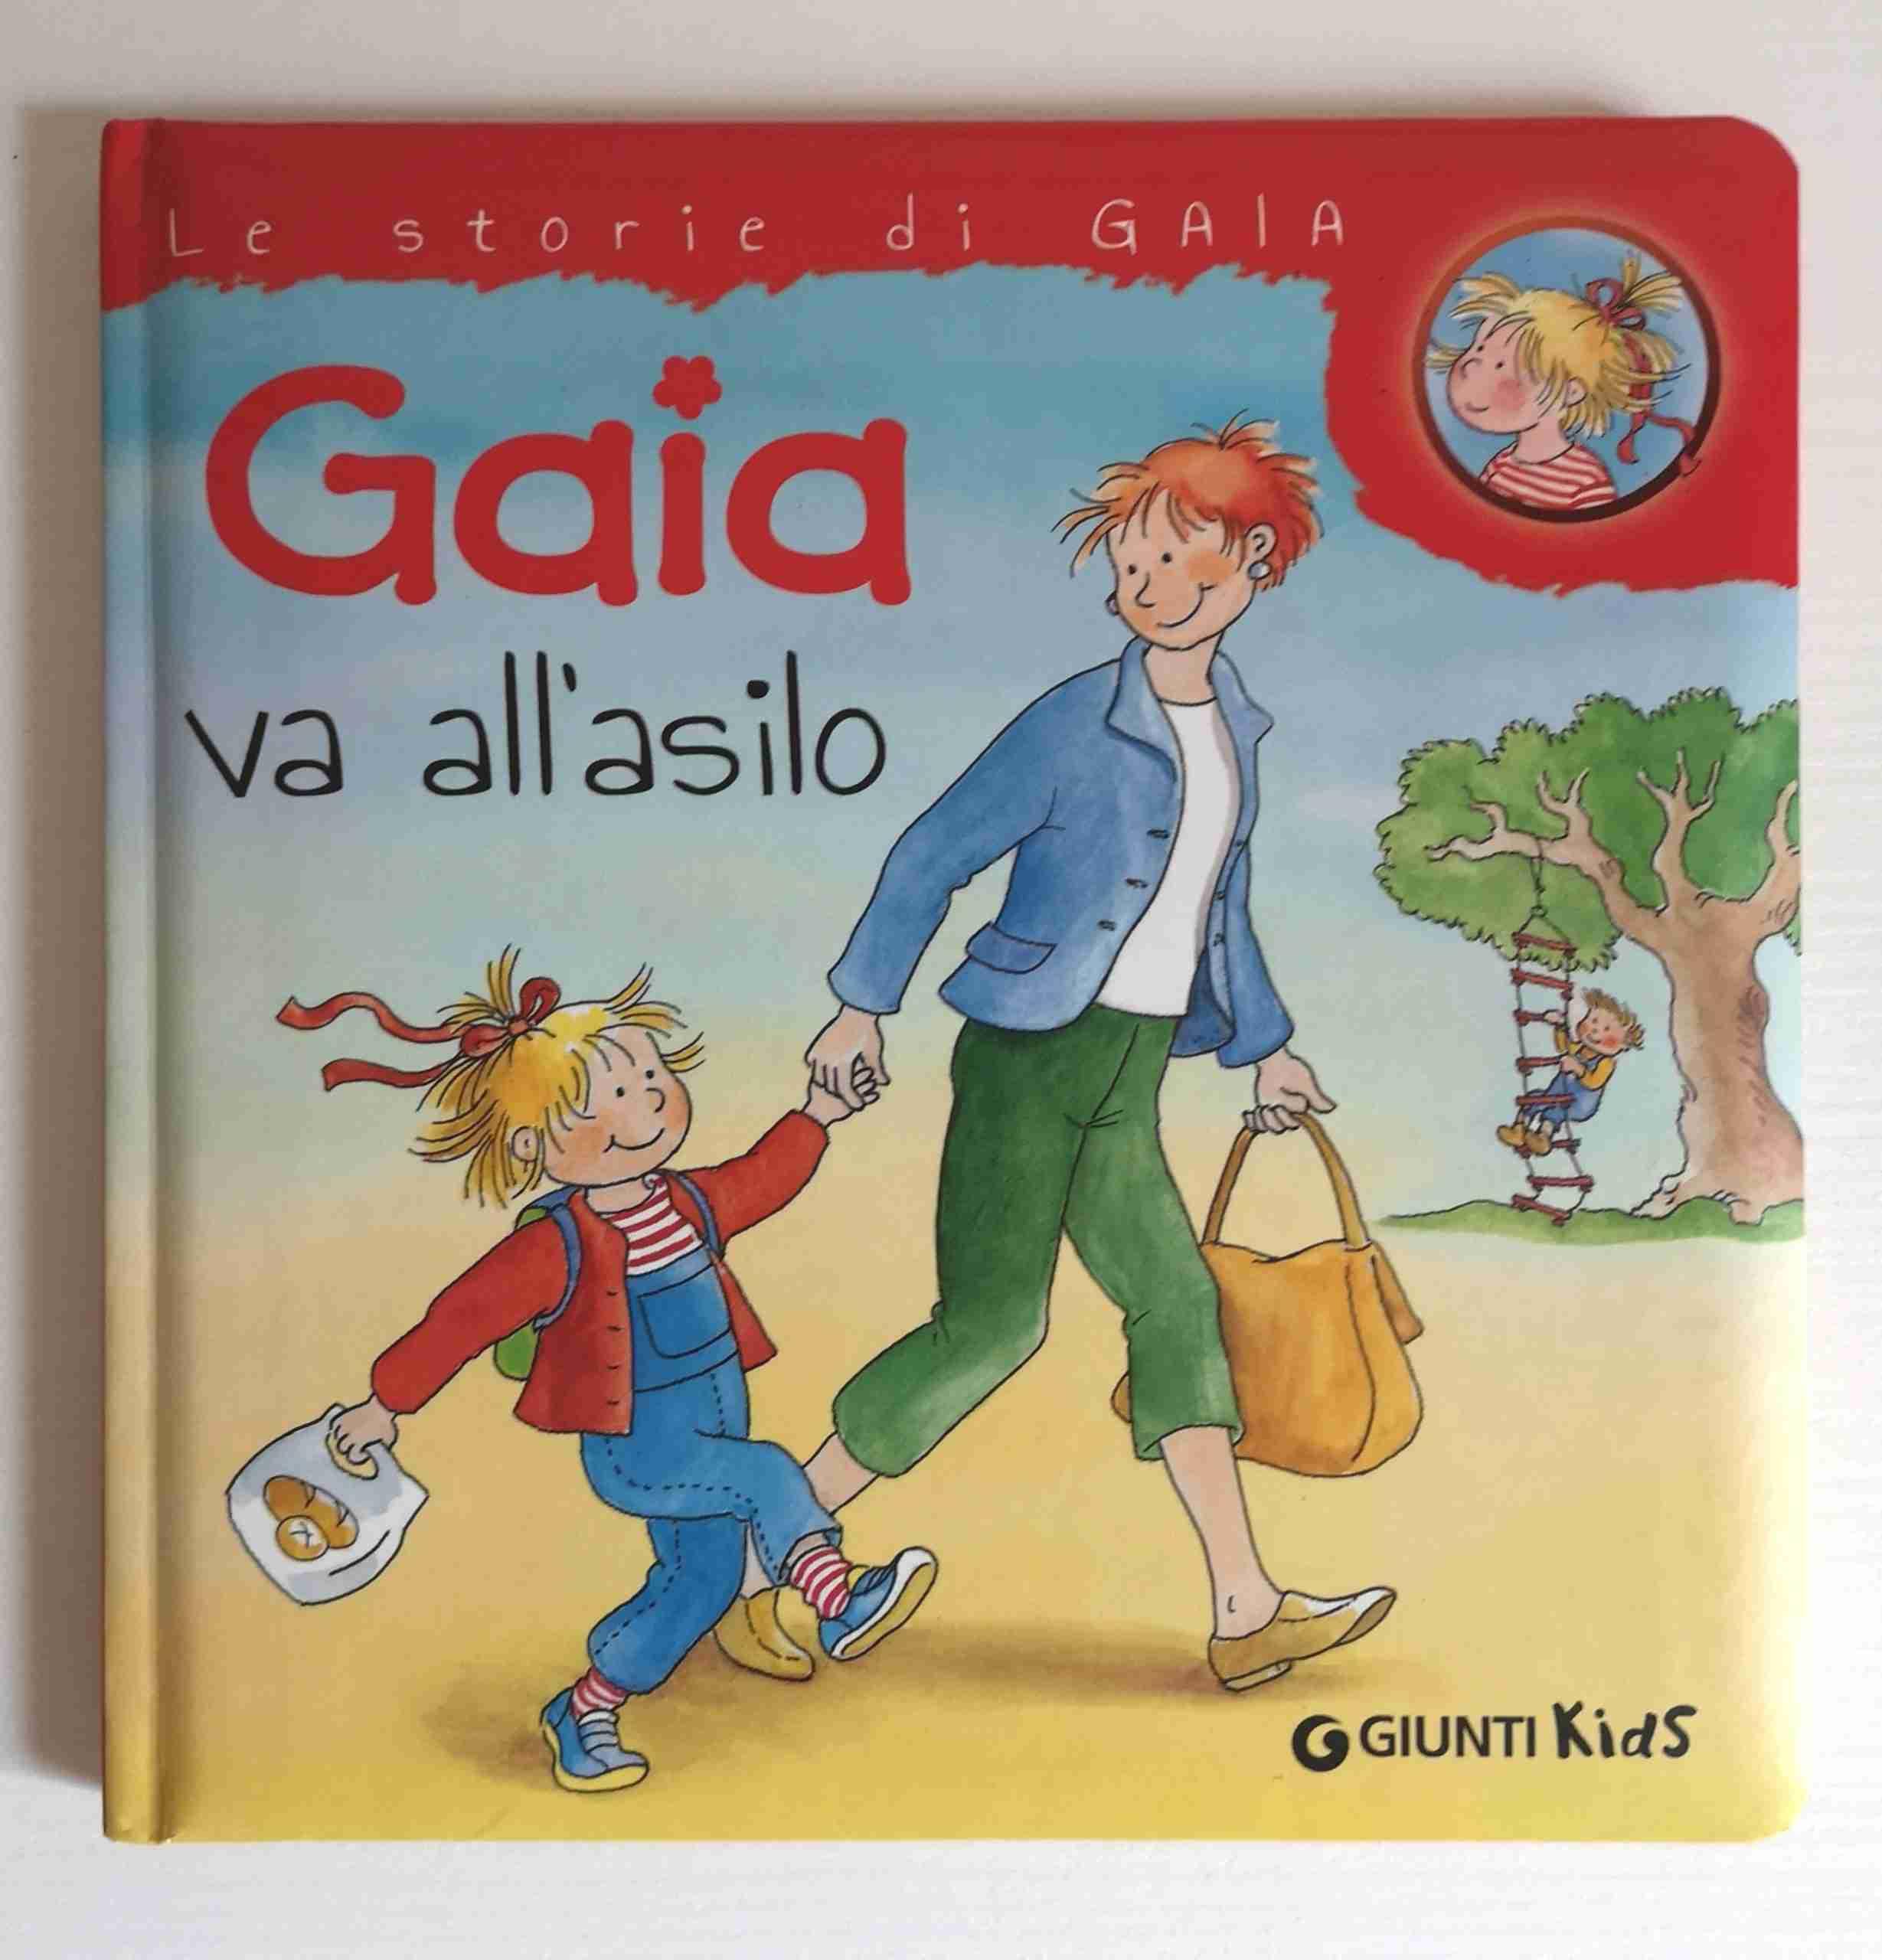 GAIA VA ALL'ASILO di Liane Schneider ed Eva Wenzel-Burger, GIUNTI EDITORE